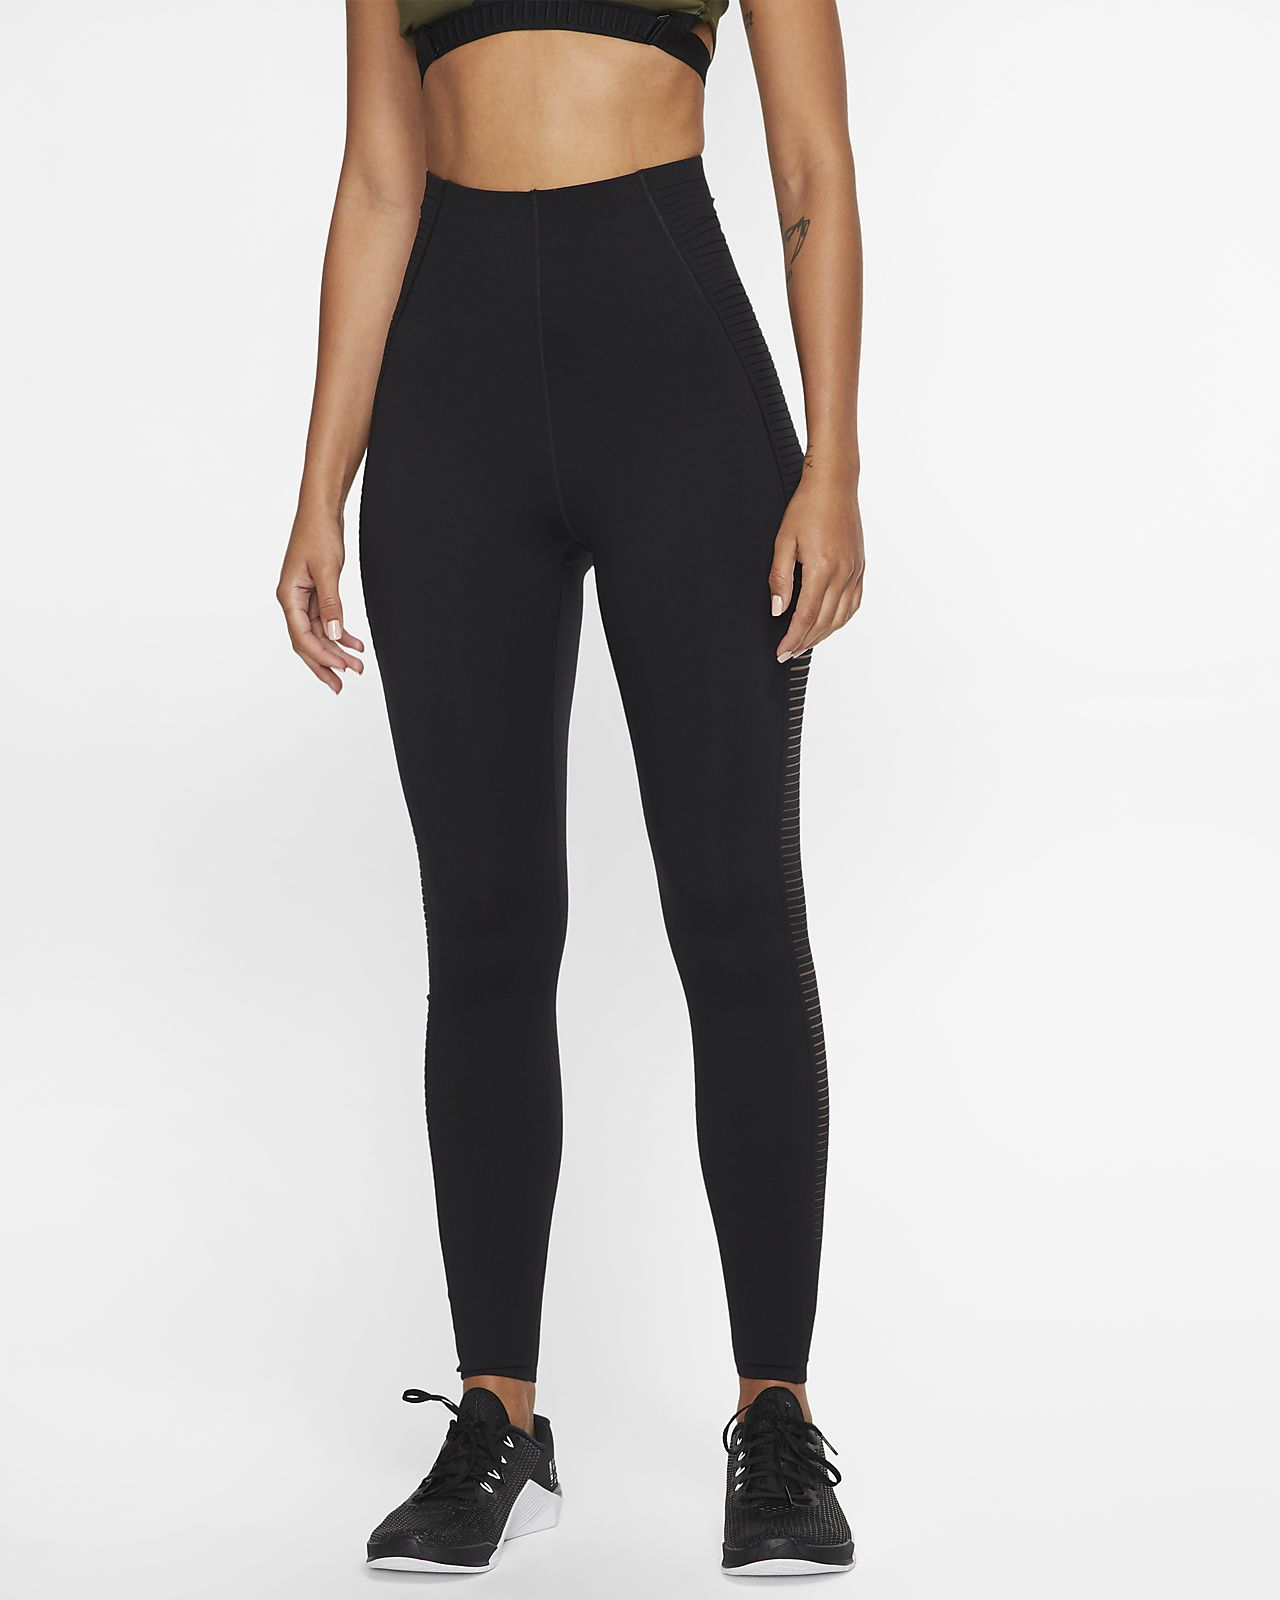 Nike Malles amb serrells d'entrenament - Dona